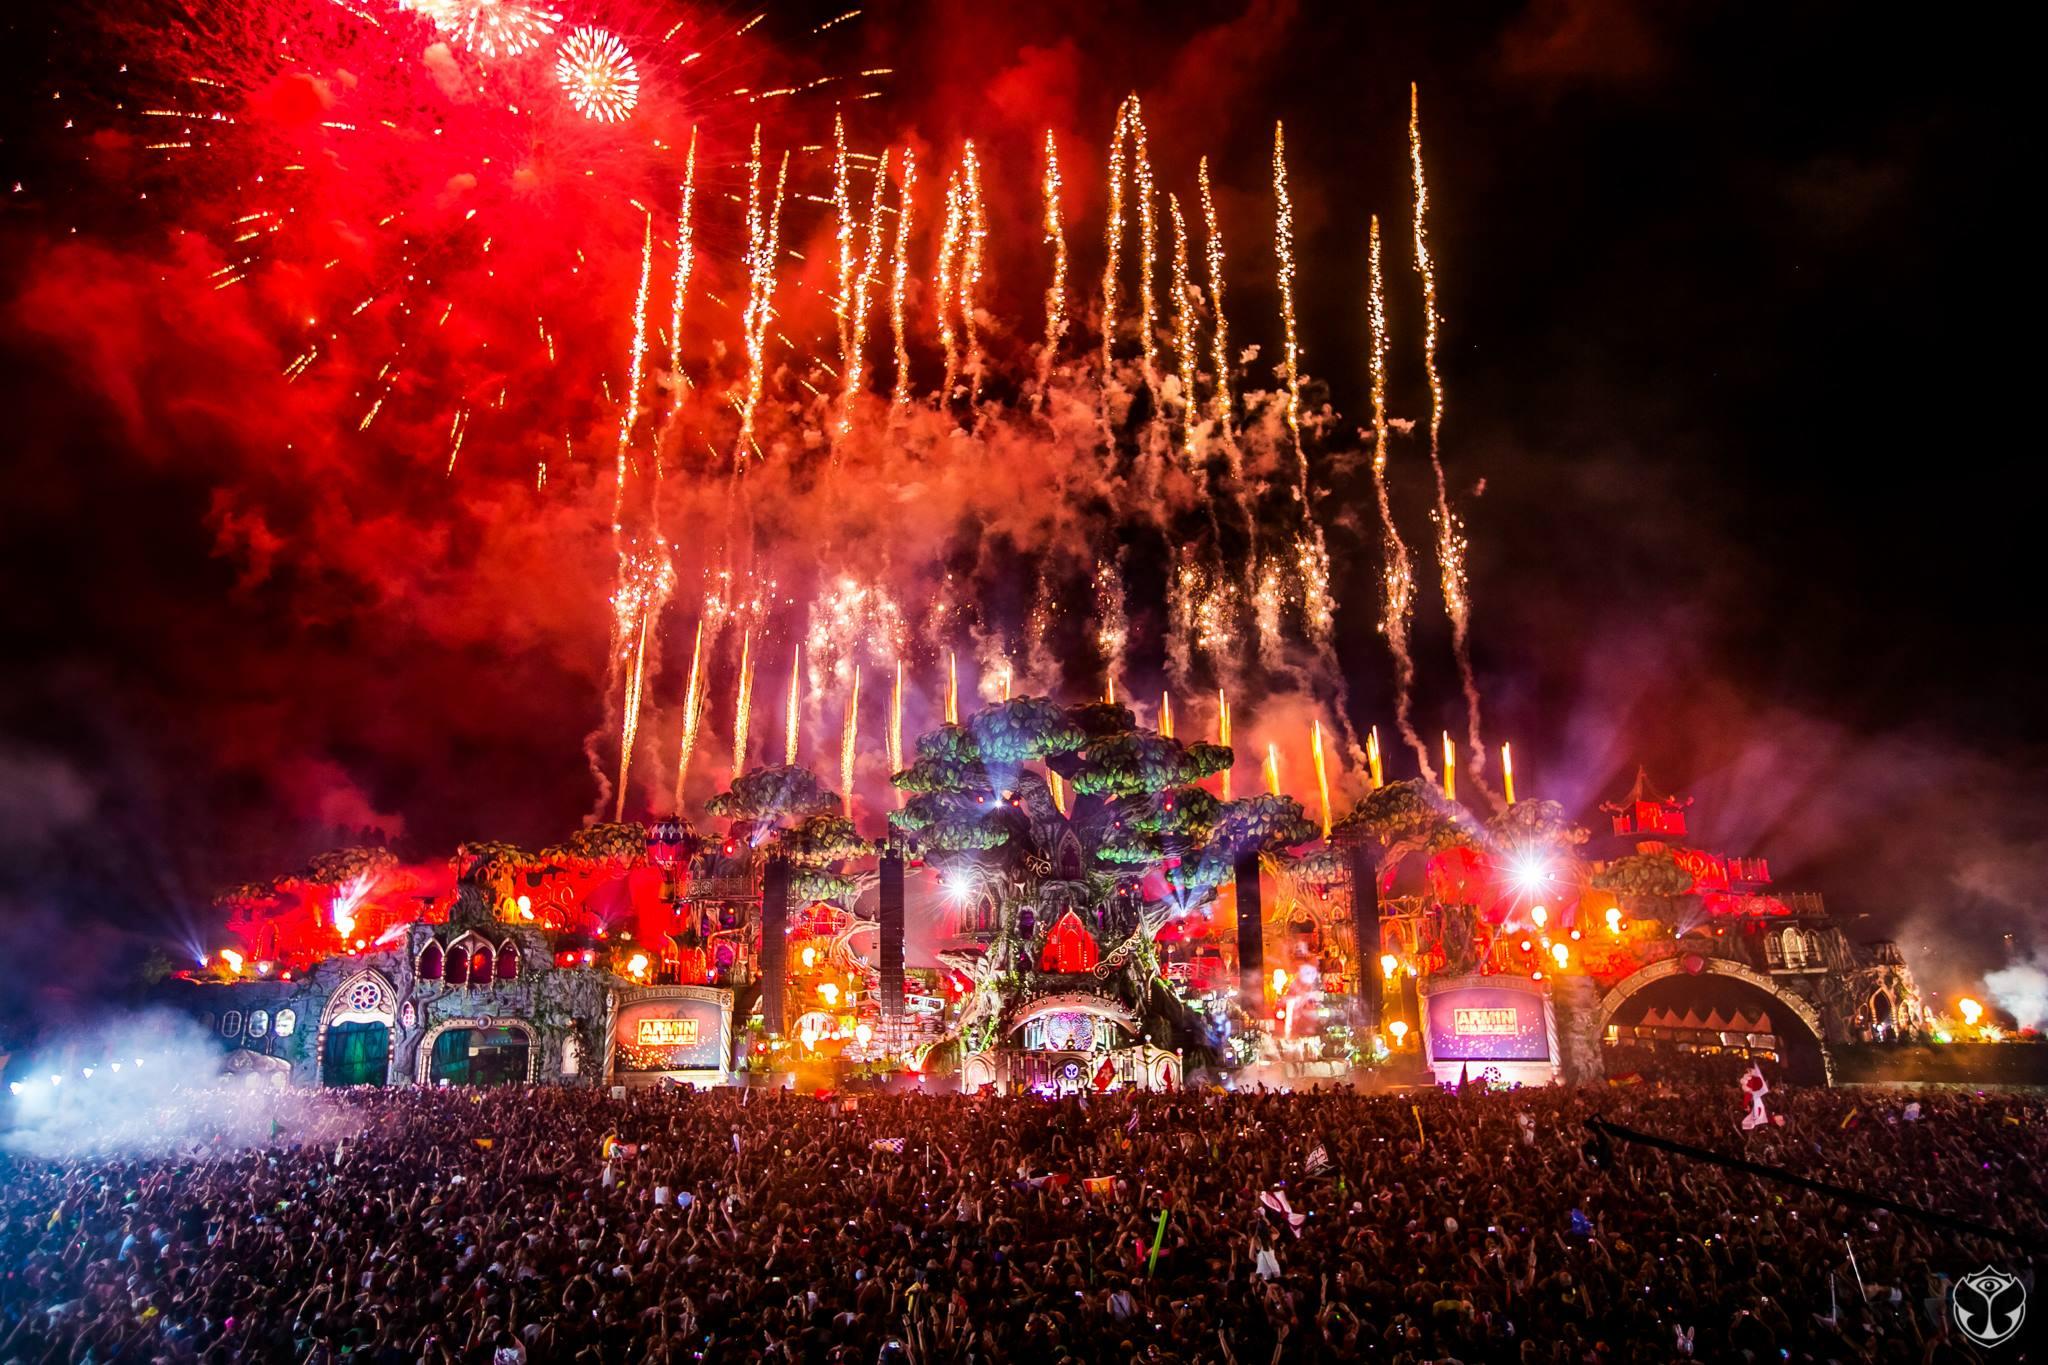 tomorrowland new stage